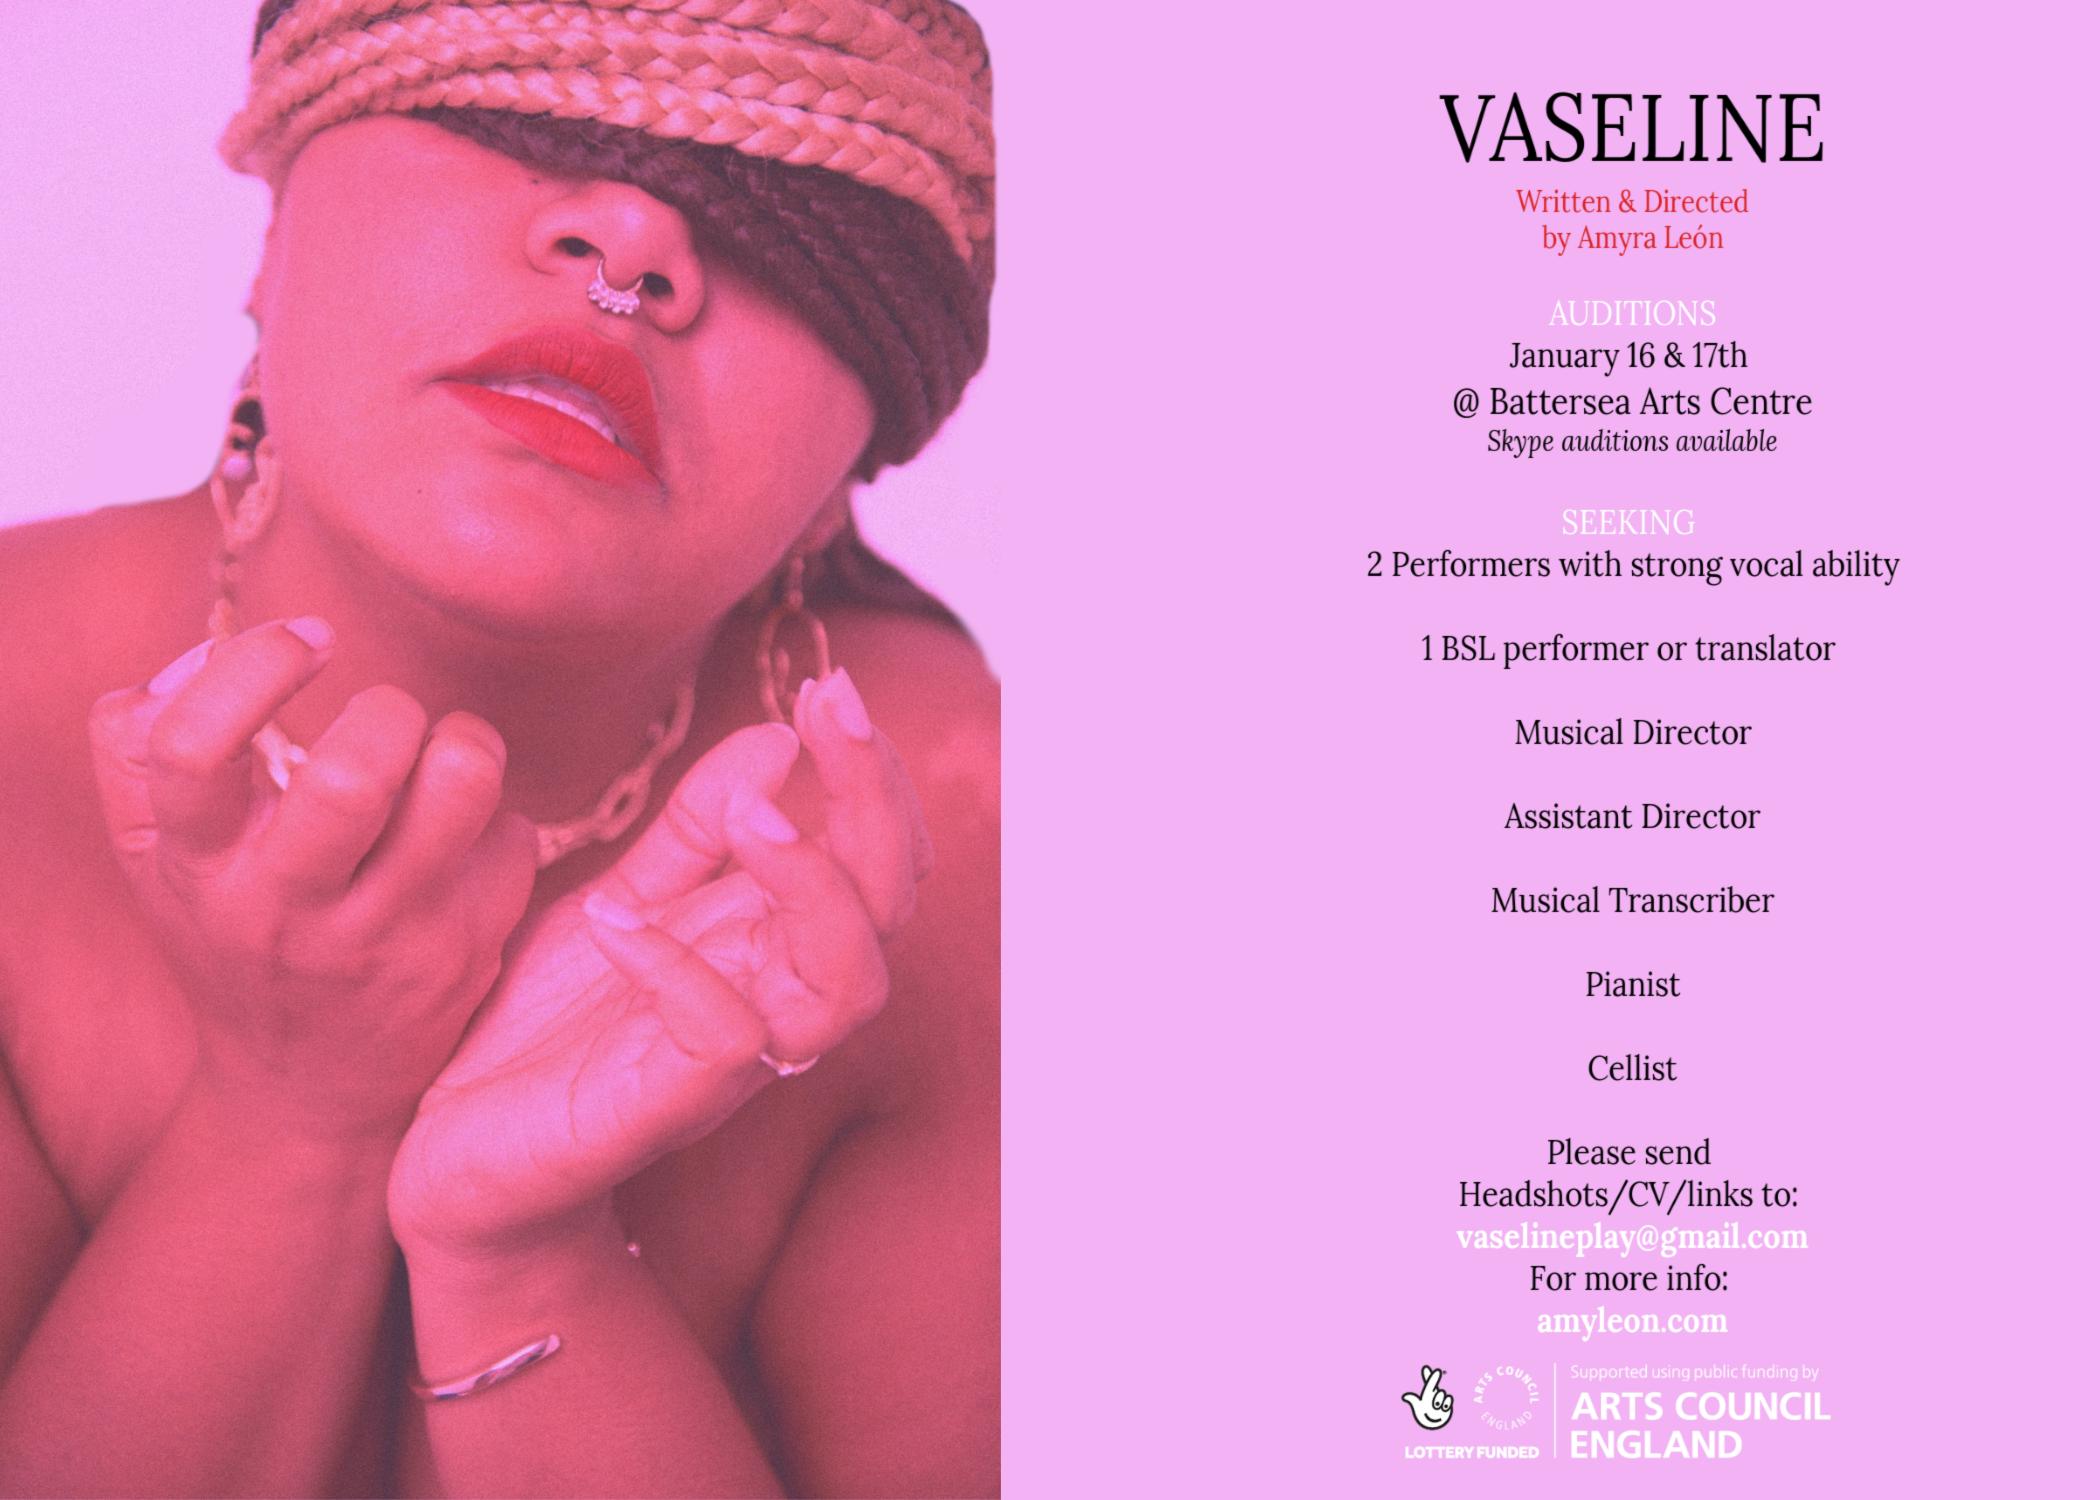 vaseline edit (1).png